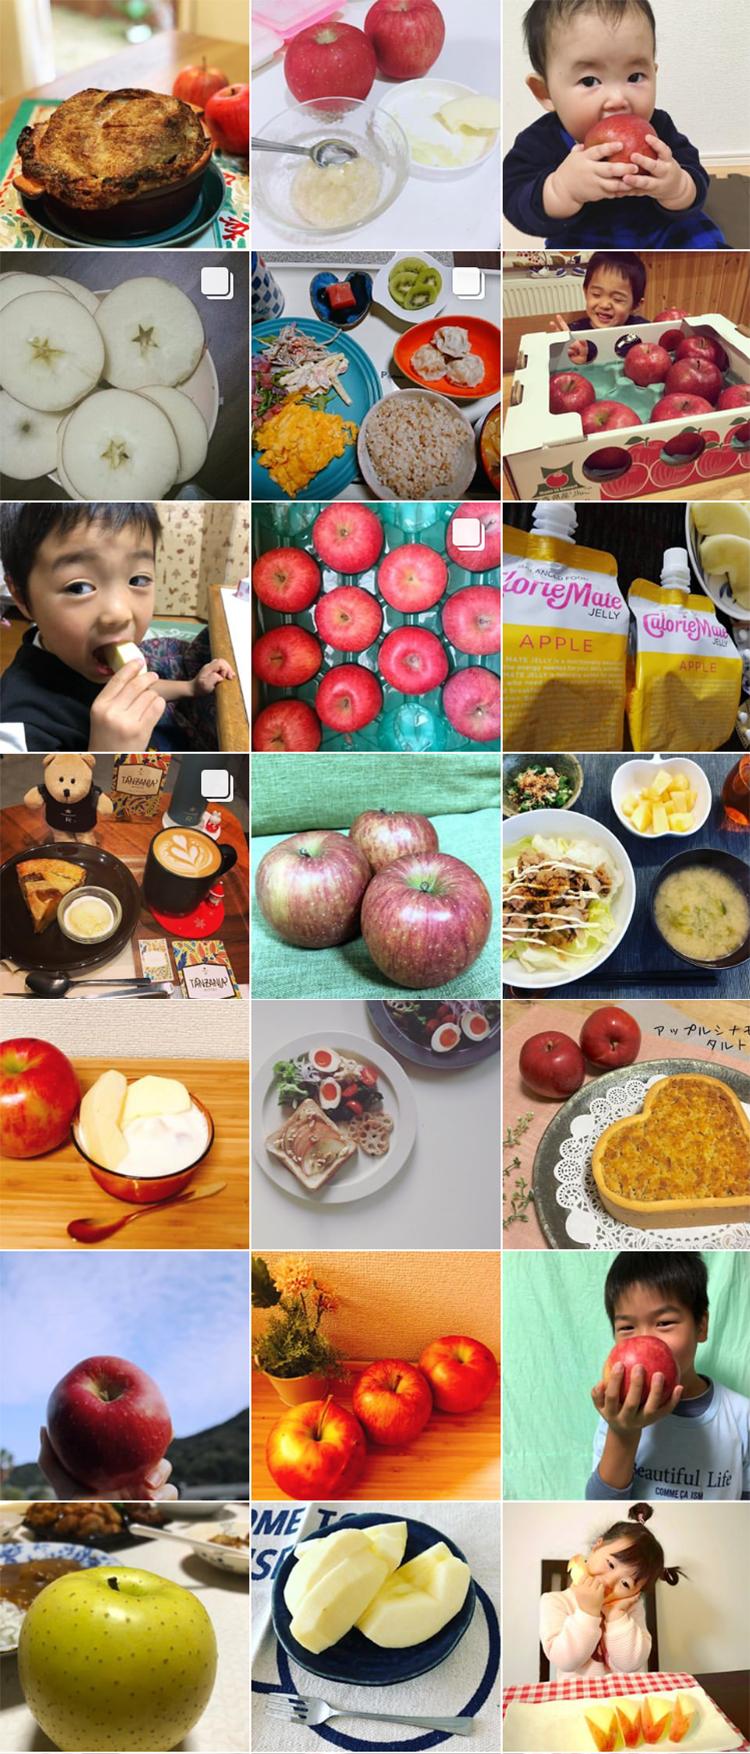 私の美活は食べるだけ青森りんごキャンペーン1月 投稿写真